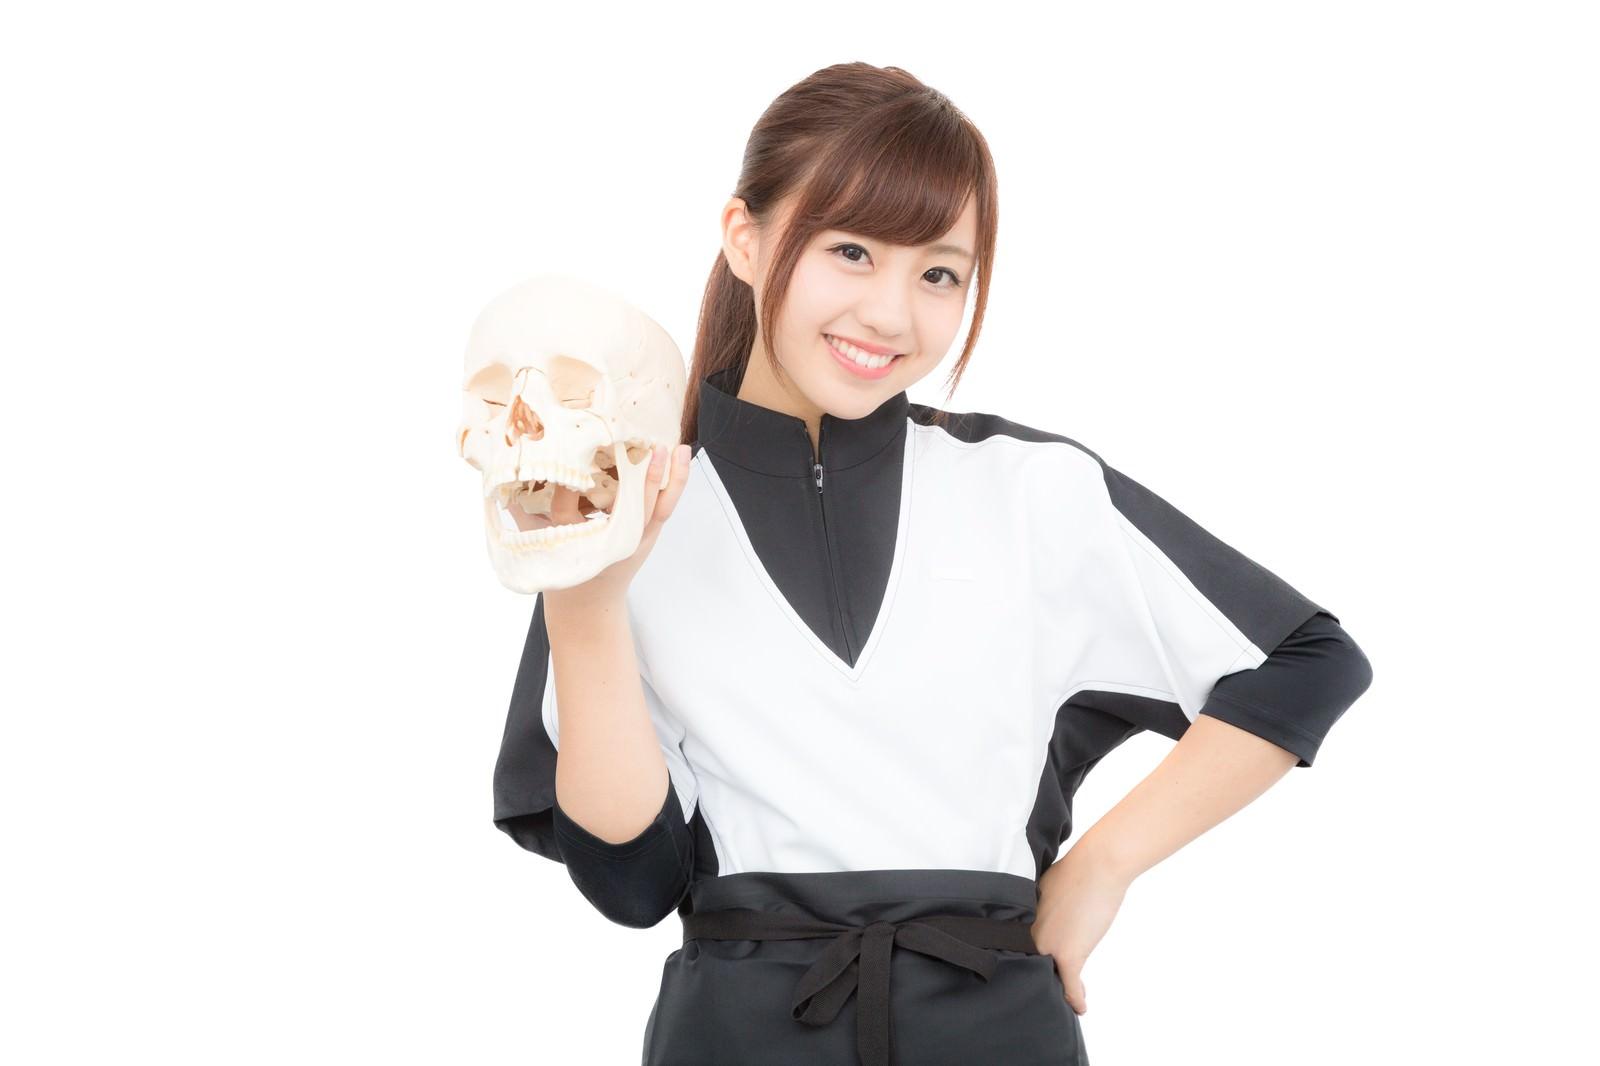 「ドクロを持った笑顔の女性スタッフドクロを持った笑顔の女性スタッフ」[モデル:河村友歌]のフリー写真素材を拡大